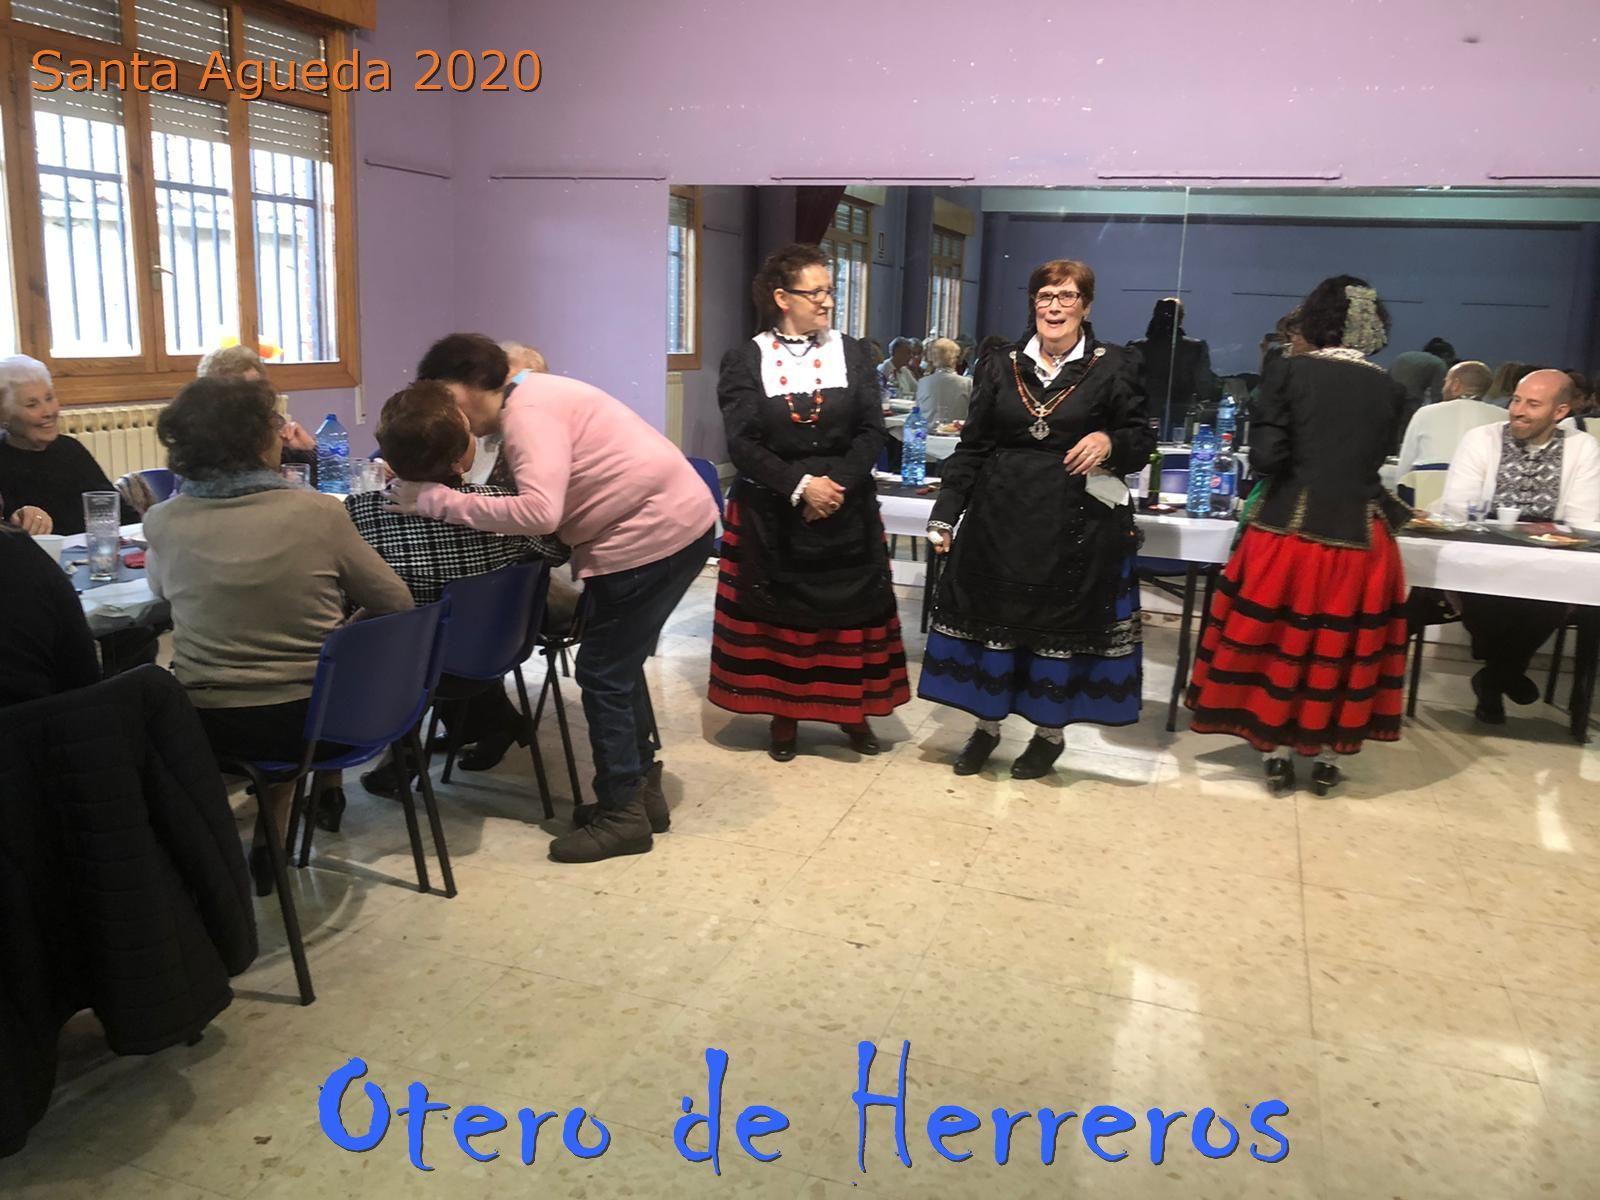 PHOTO-2020-03-04-11-09-23